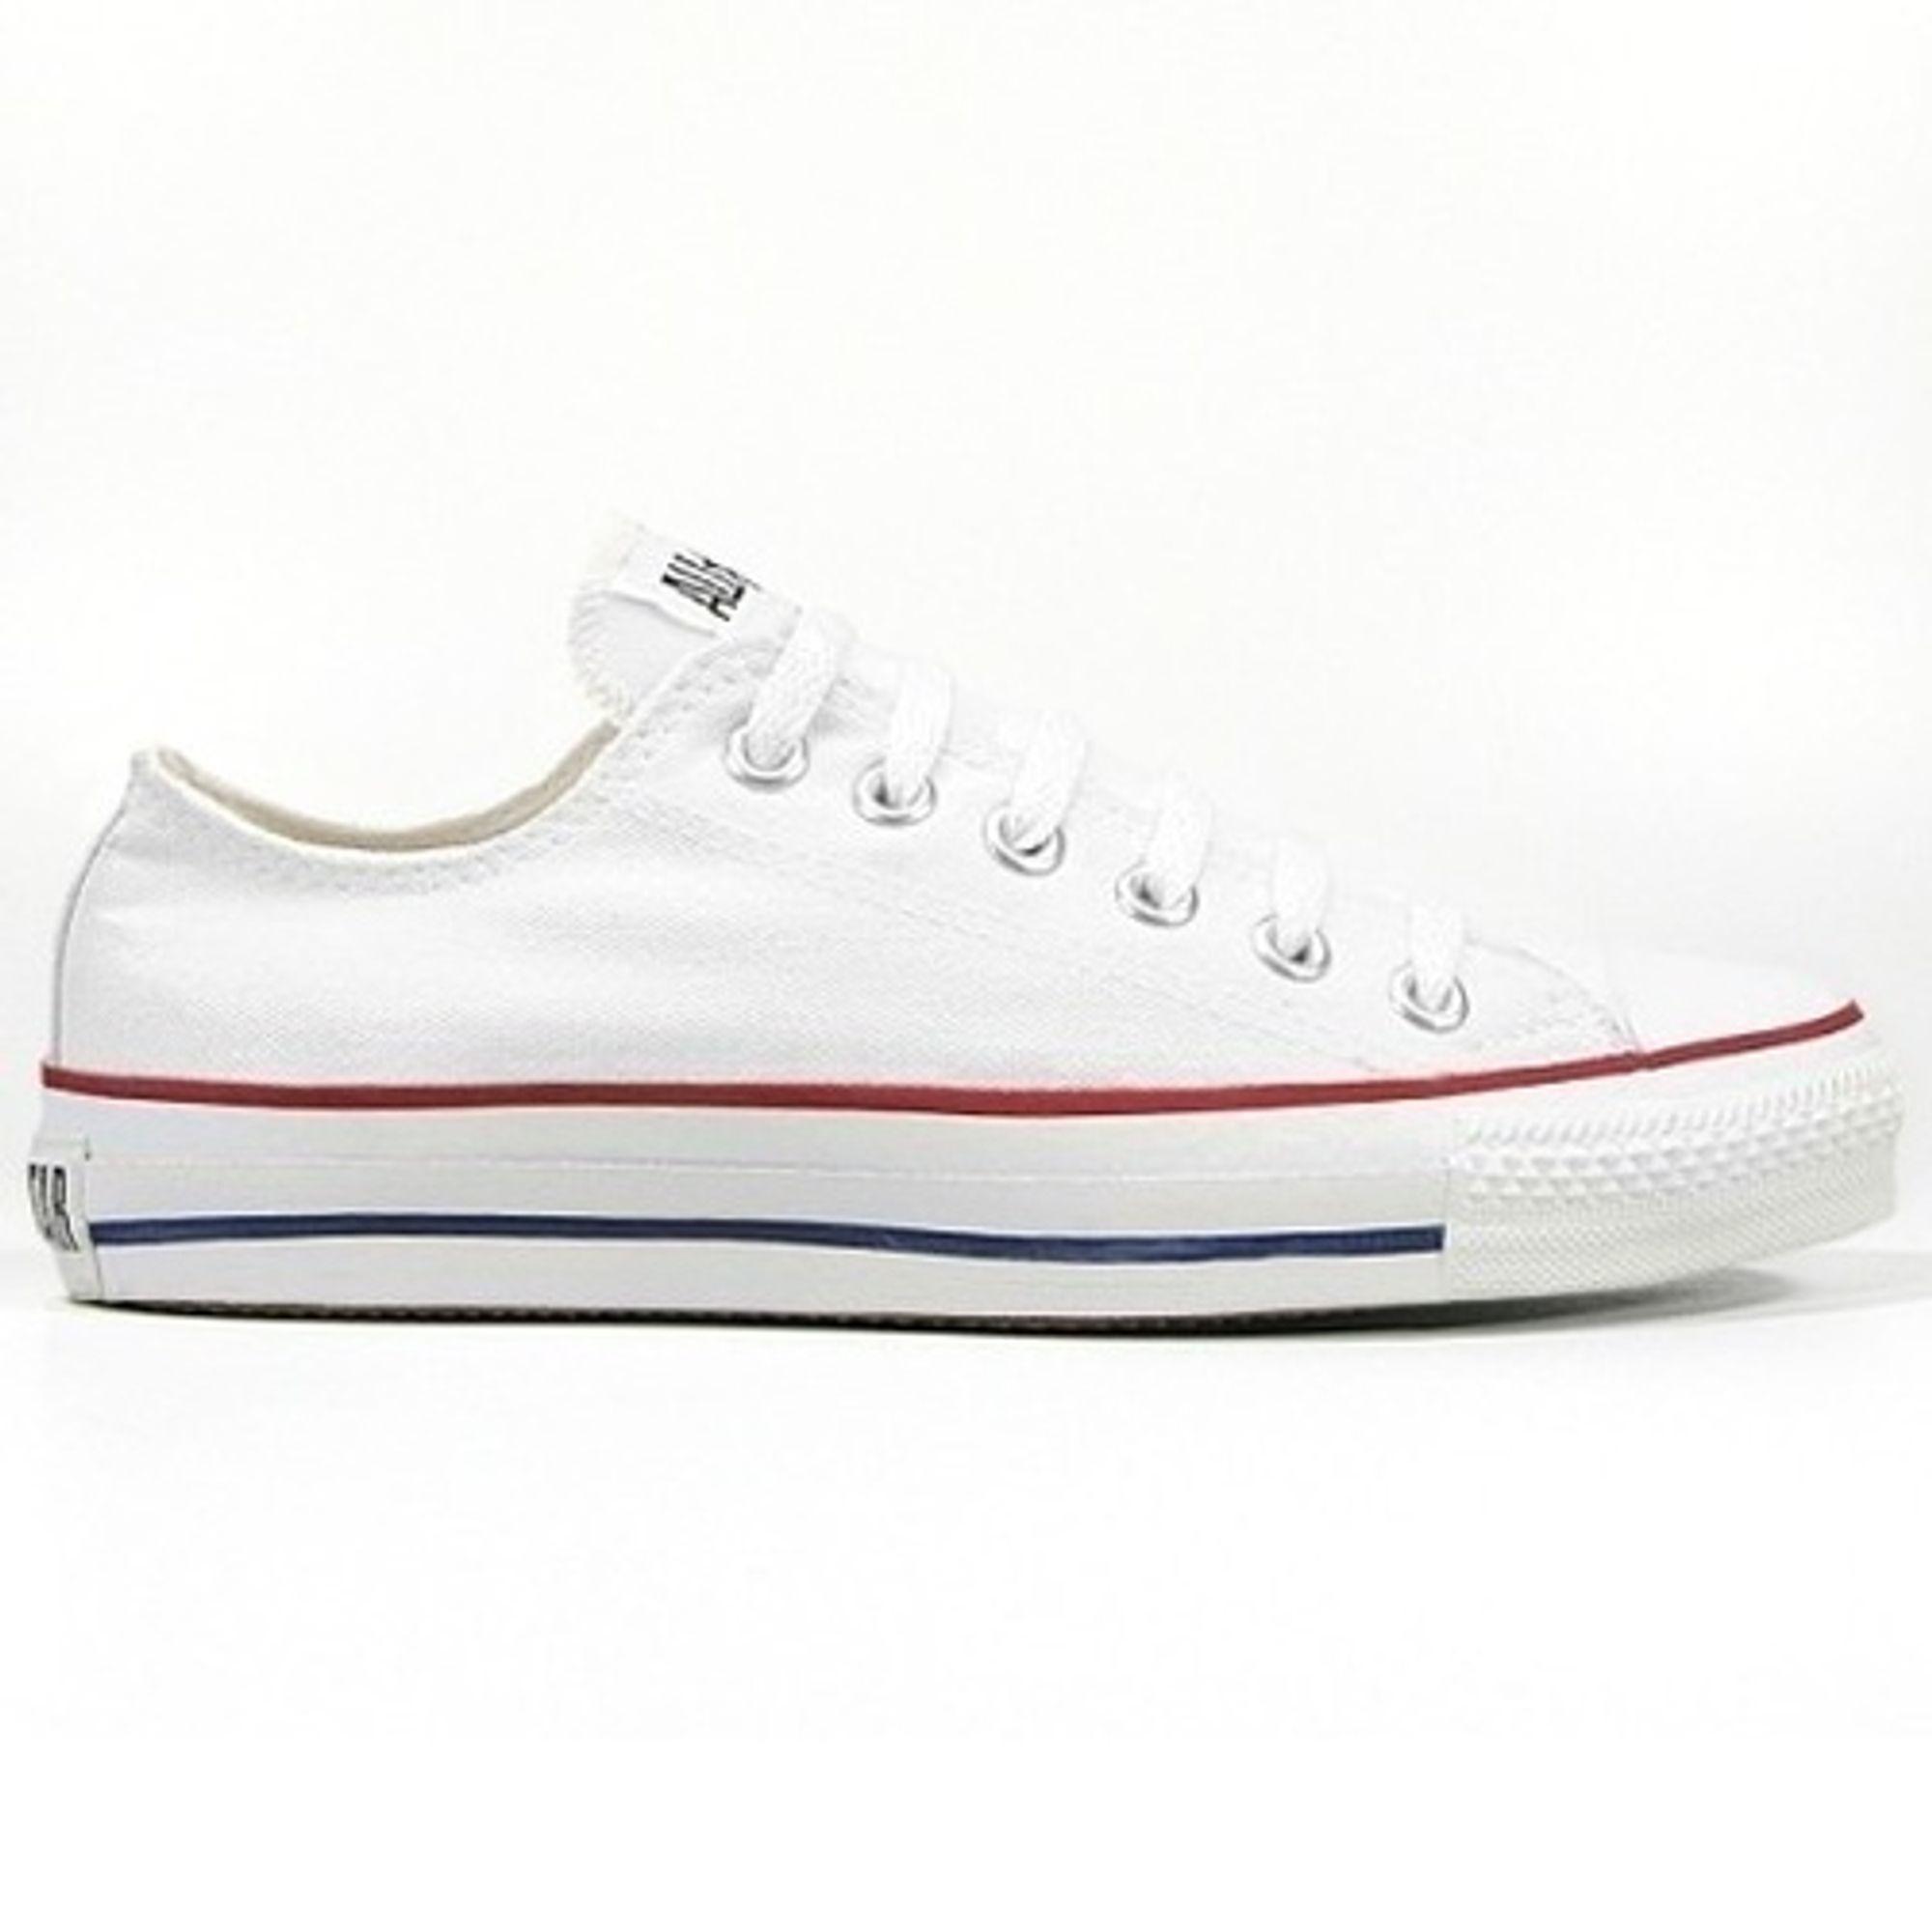 Converse Damen Schuhe All Star Ox Weiß M7652C Sneakers Chucks Gr. 37 | starlabels outdoor lifestyle leder